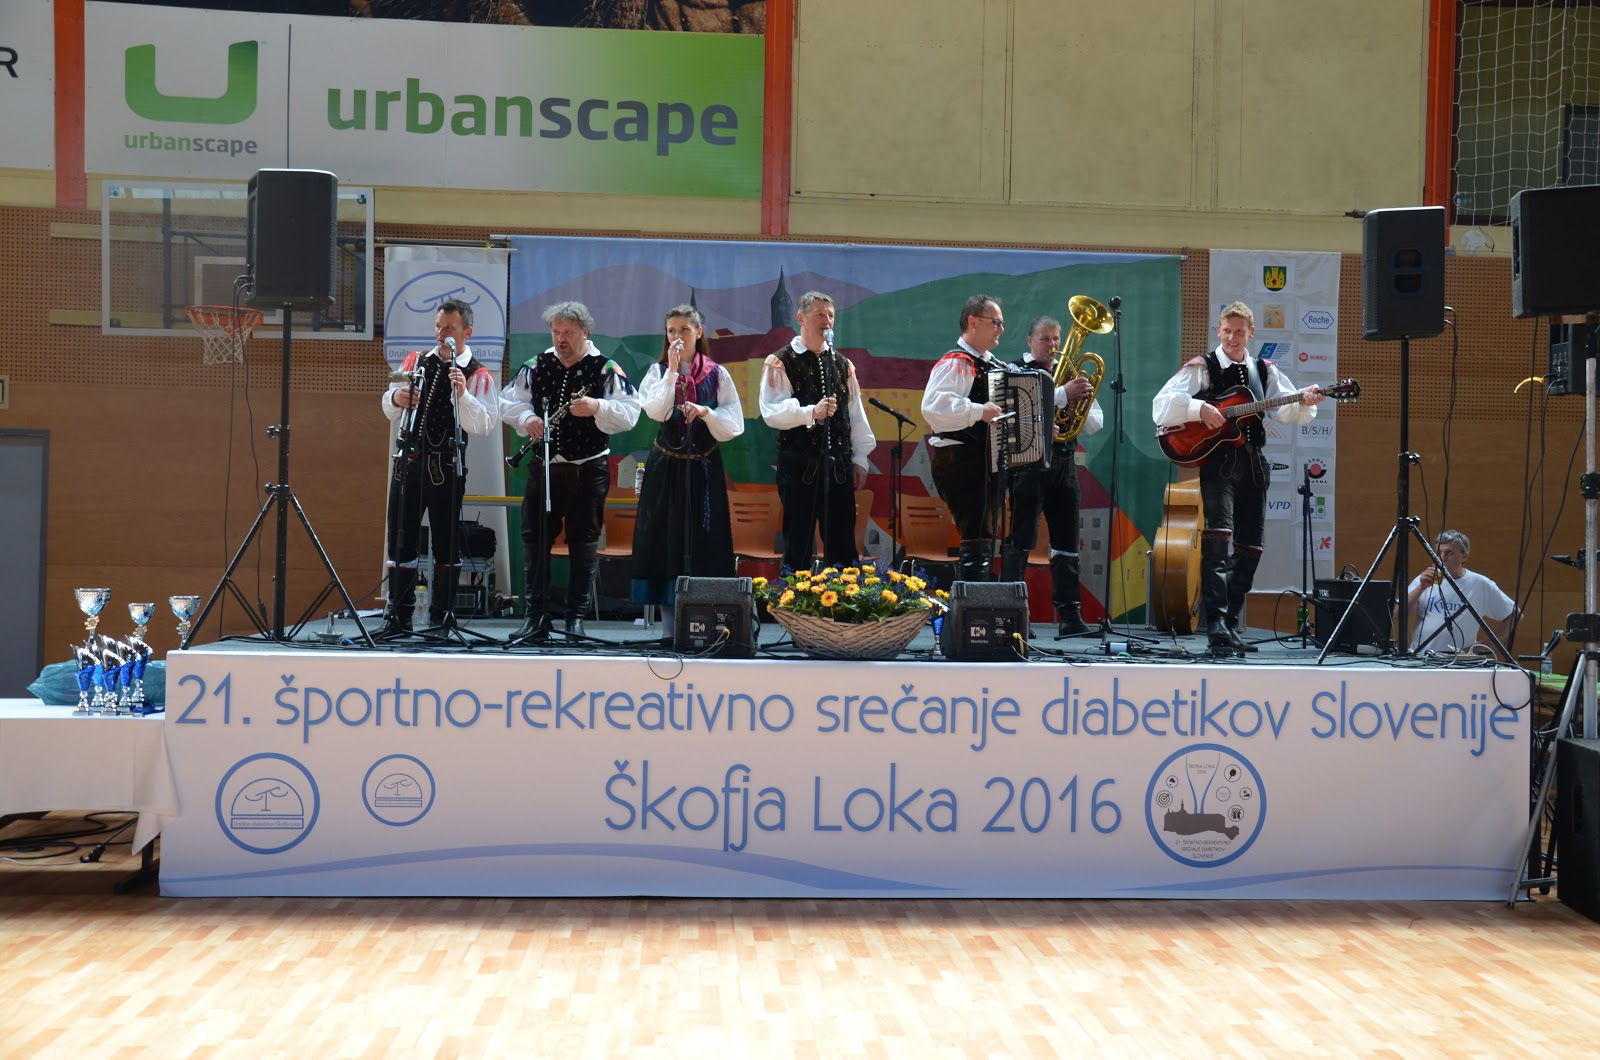 21. športno srečanje diabetikov Slovenije - DSC_1152.JPG